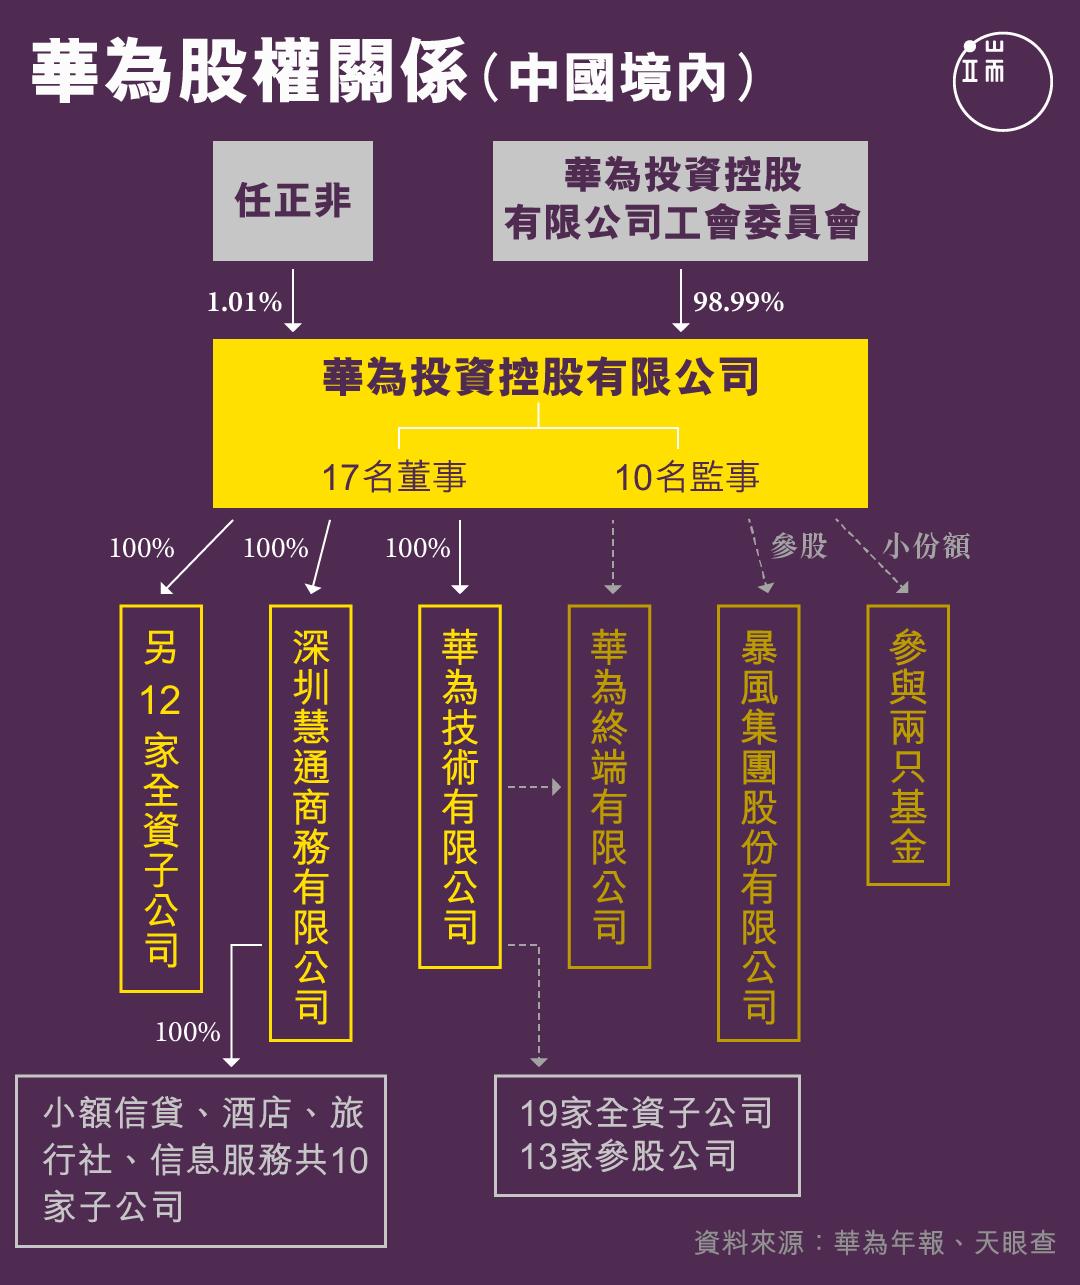 華為股權關係(中國境內)。